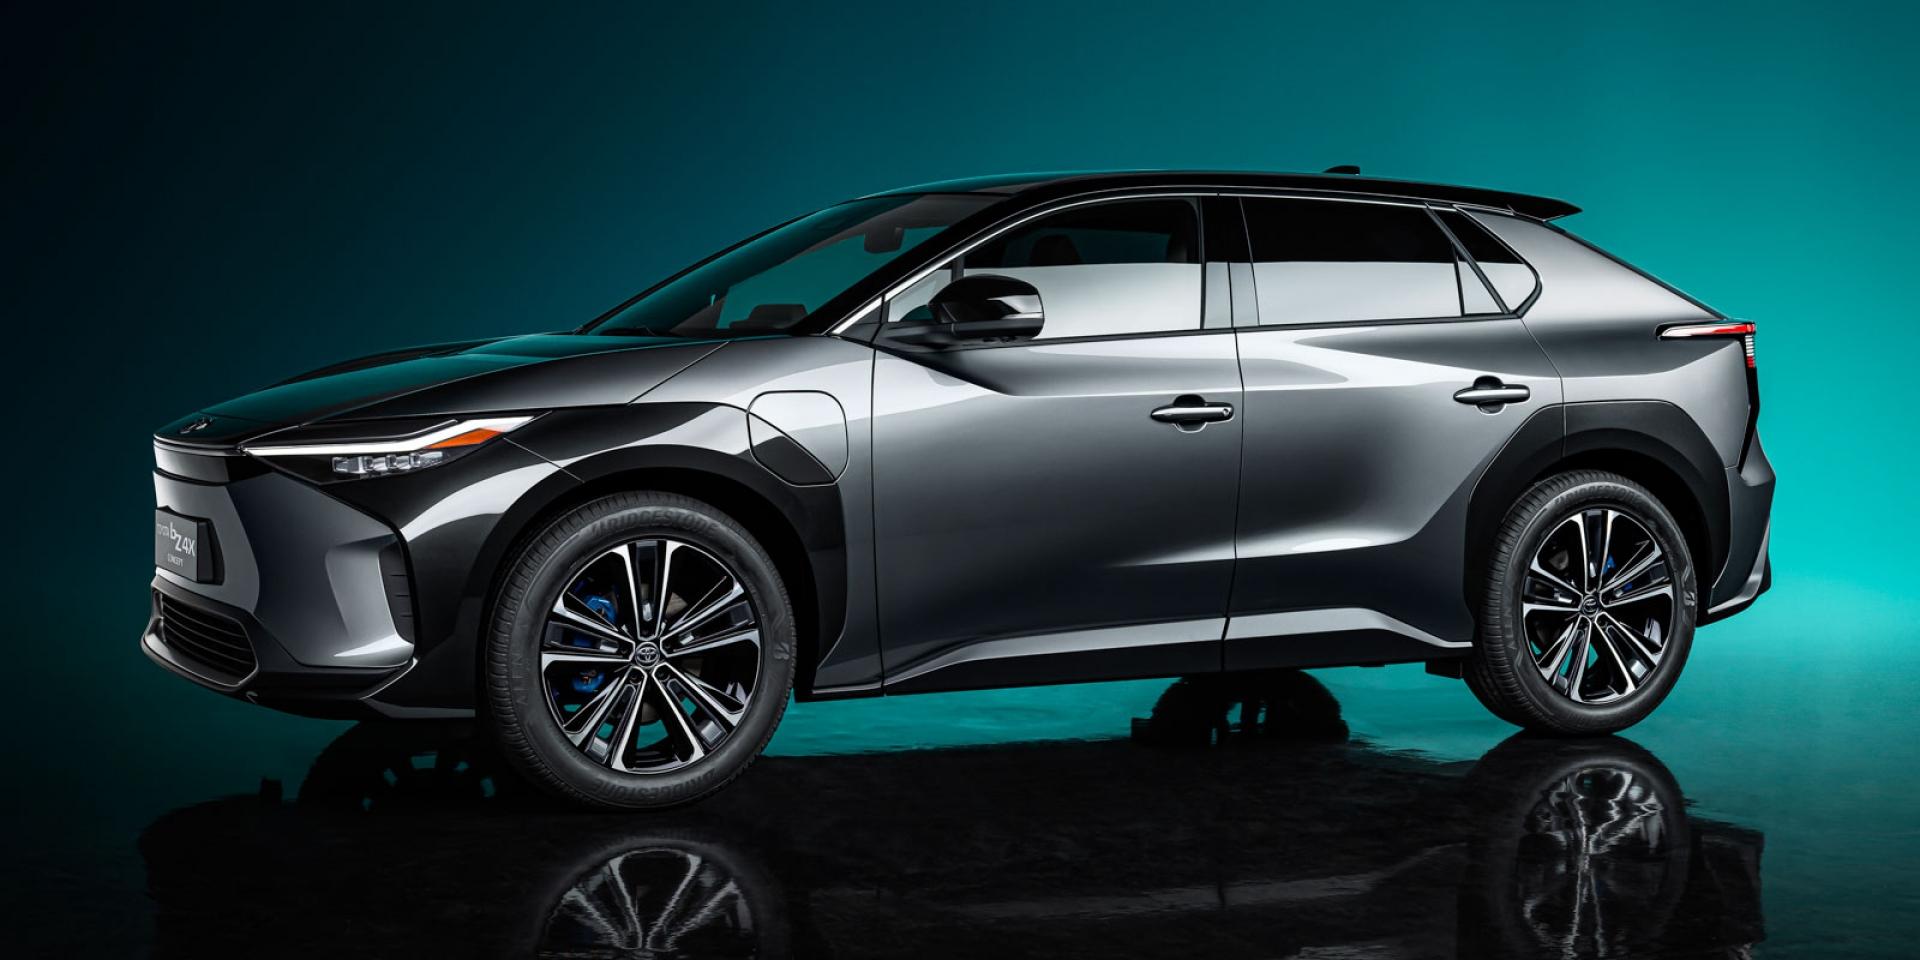 電動Toyota來了!Toyota bZ4X概念車擁有前衛外觀 內裝